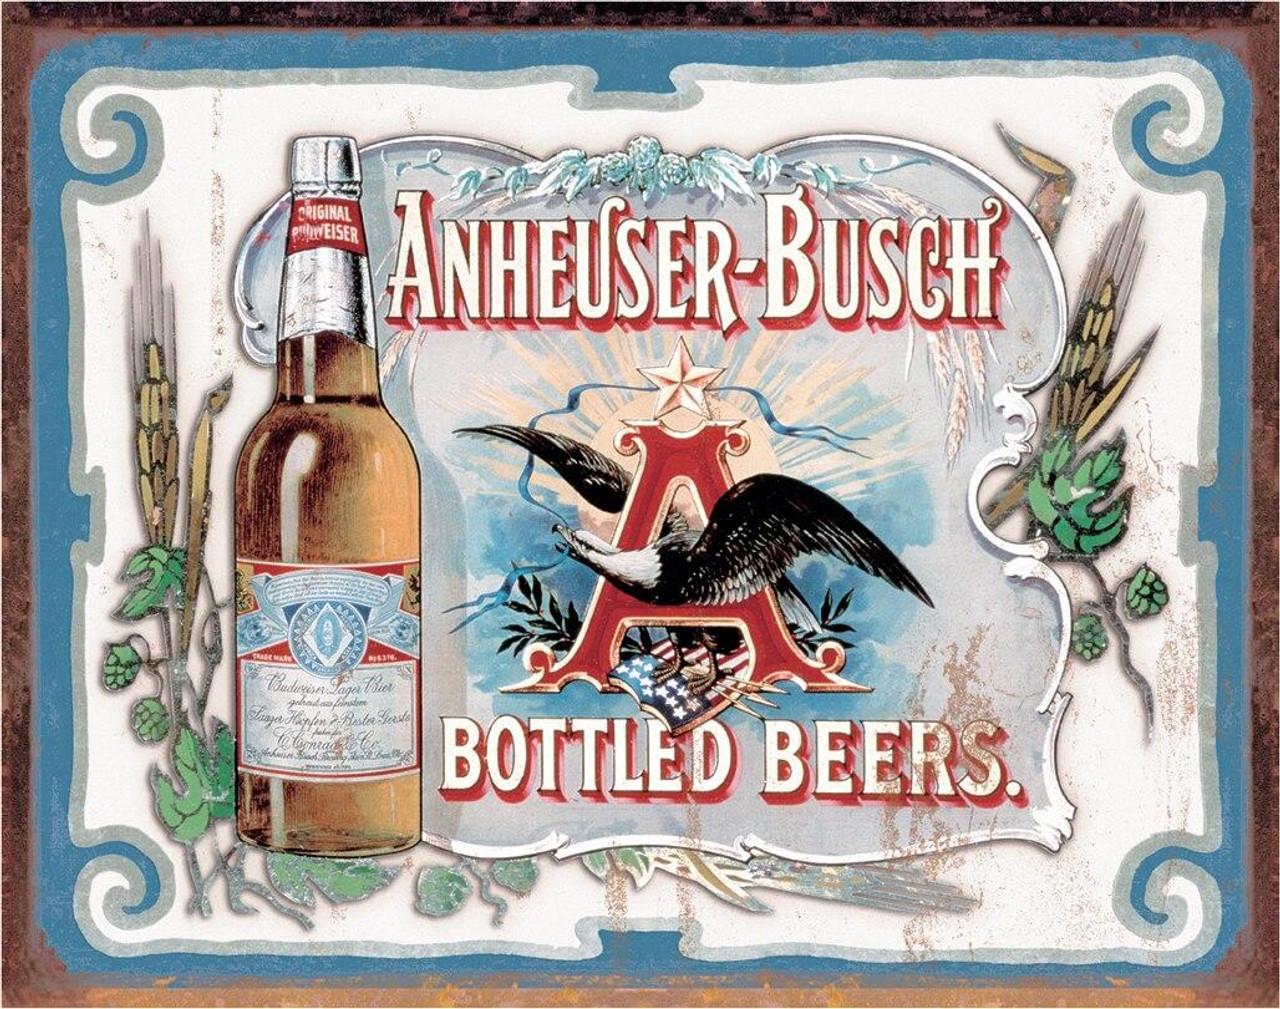 Anheuser-Busch Anheuser Busch - Bottled Beers